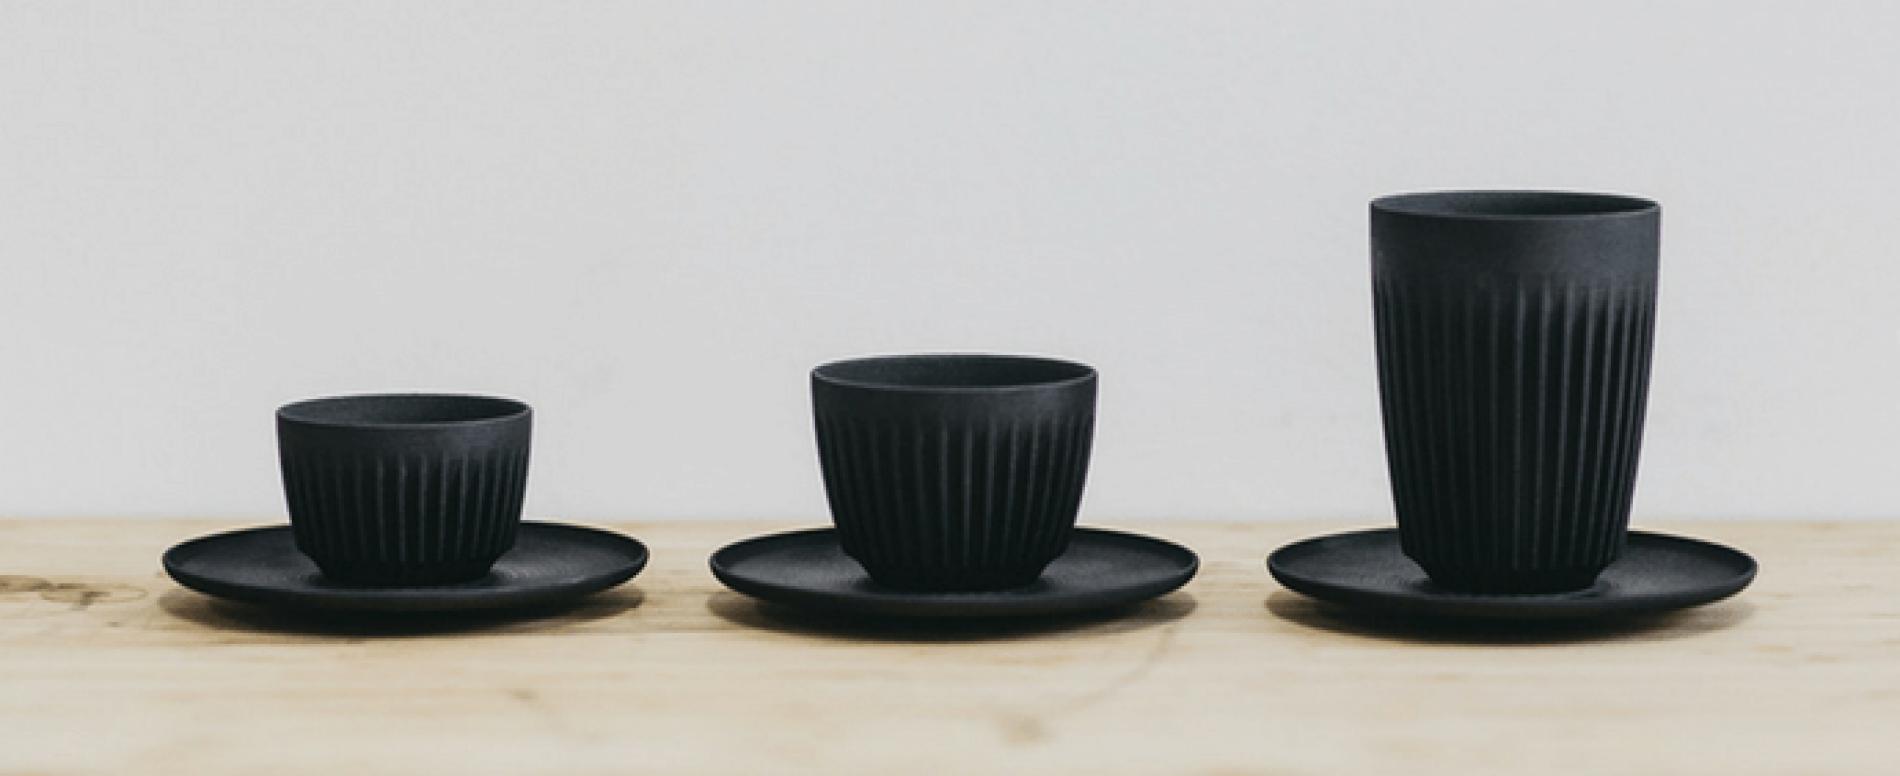 Huskee Cup: la tazza realizzata con gli scarti del caffè